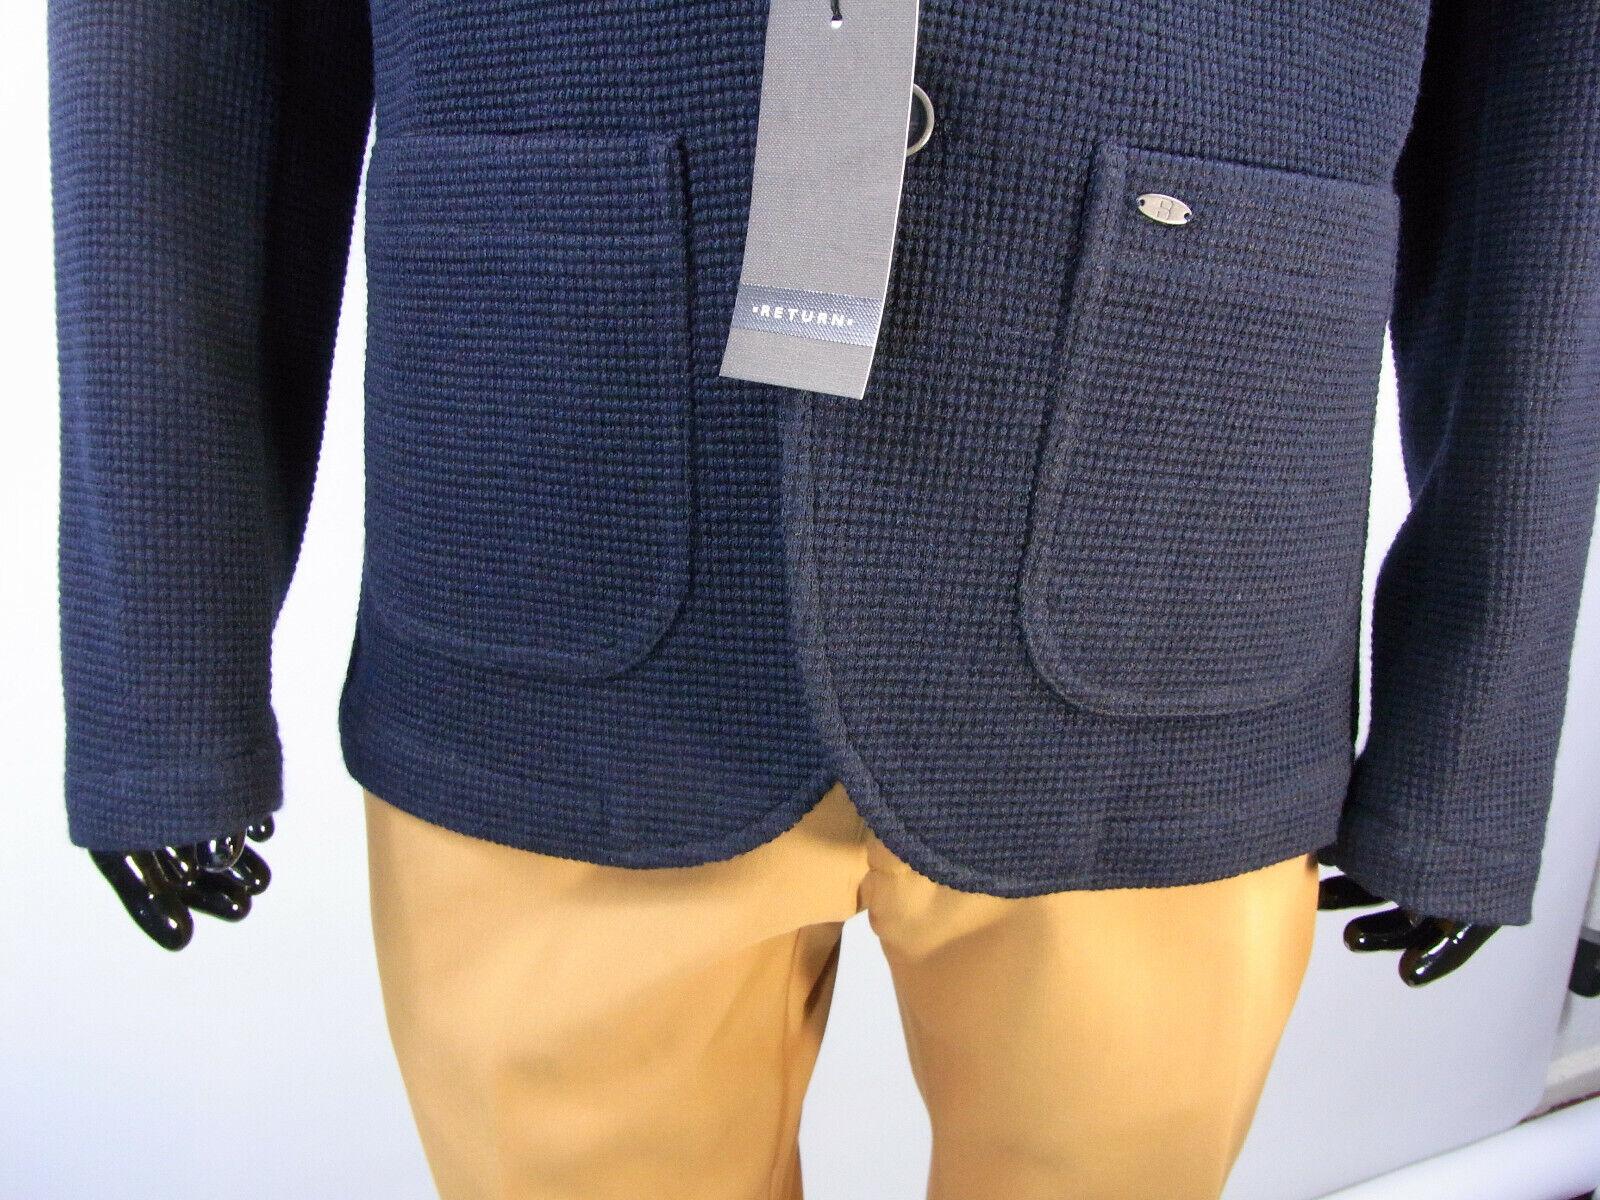 Herren Sakko Männer Sakko Return Return Return Kevin  Blau Größe 50  Model S13 | Sehen Sie die Welt aus der Perspektive des Kindes  a327b1